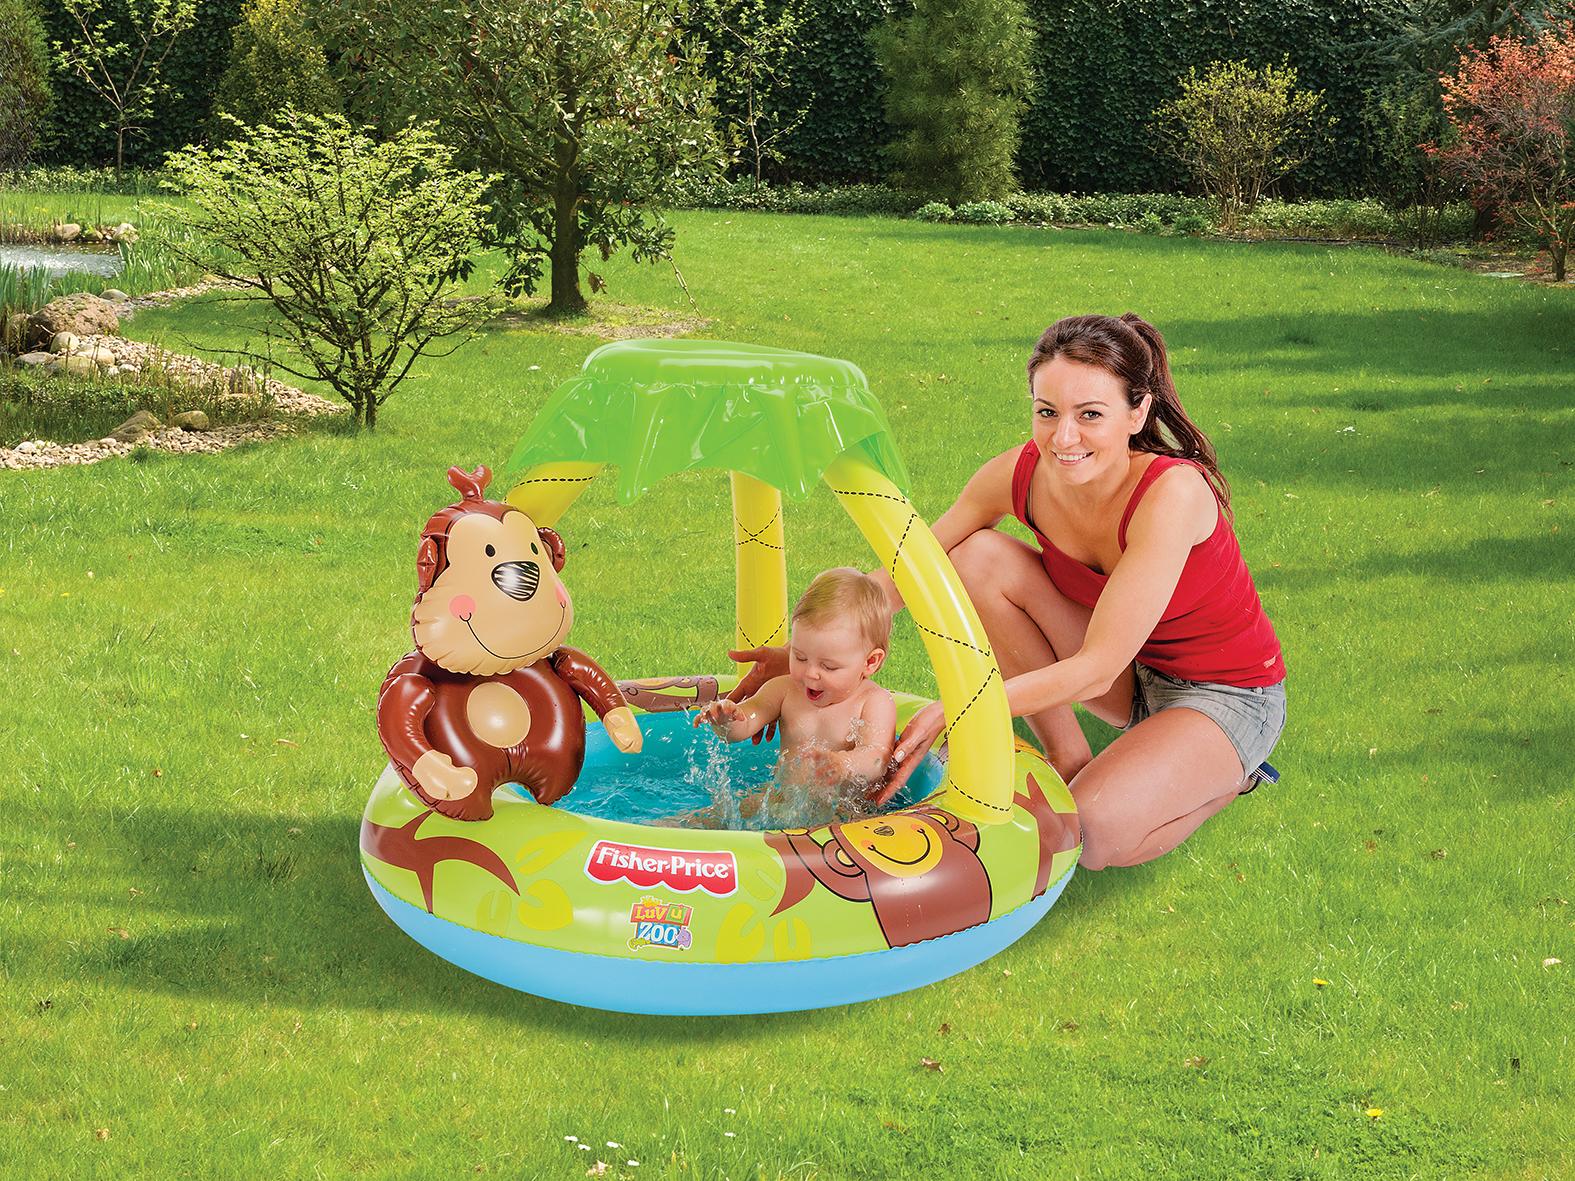 fisher price babyplanschbecken kinder pool schwimmbecken klein 102 x 20 cm vida home der. Black Bedroom Furniture Sets. Home Design Ideas